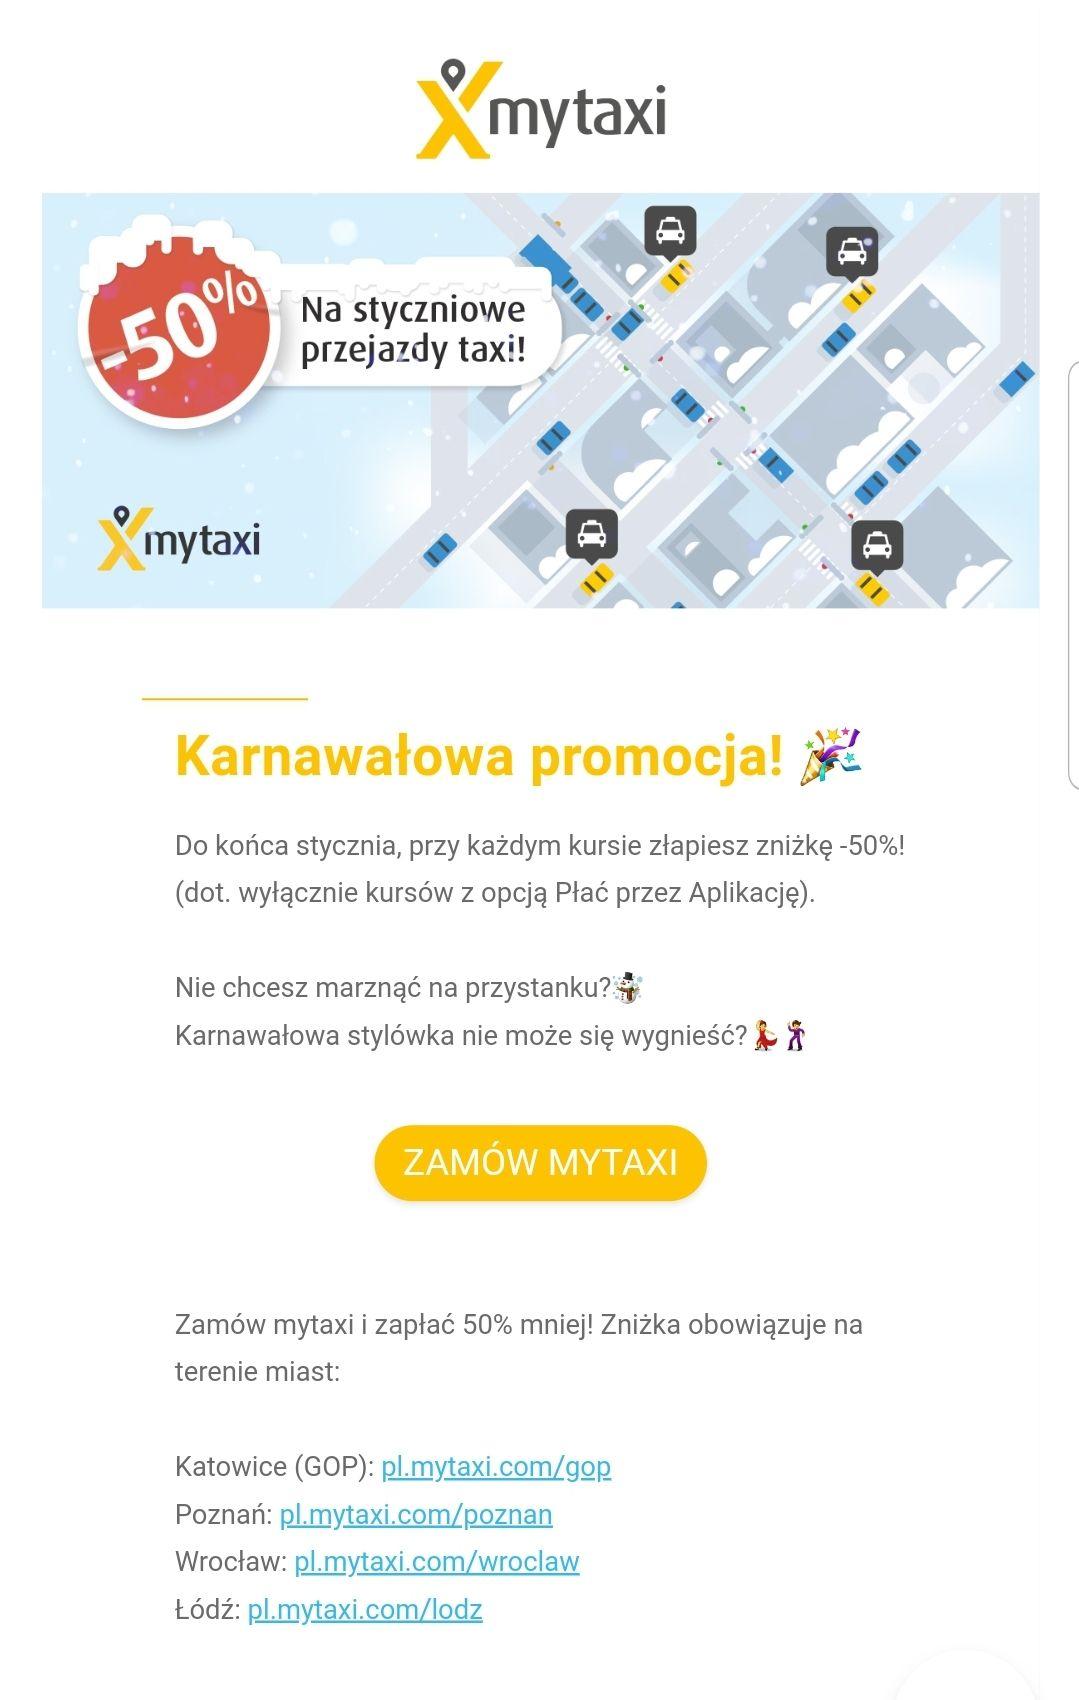 -50% na przejazdy z mytaxi Poznań Katowice Wrocław Łódź